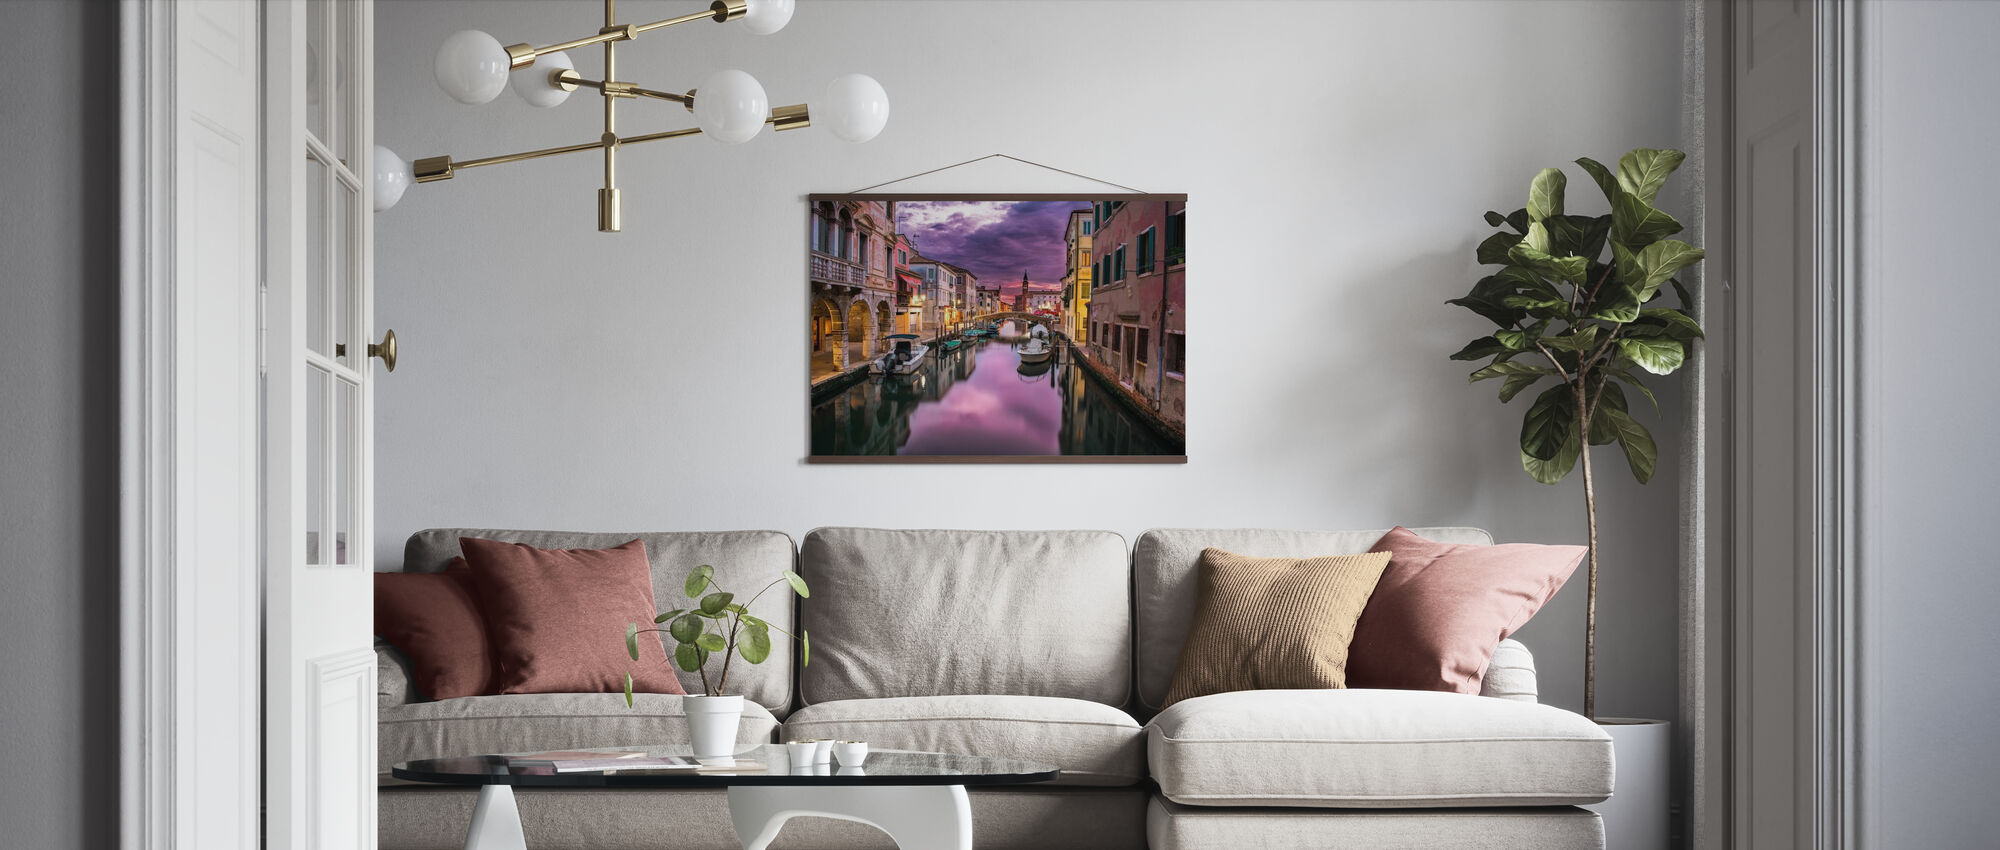 Kanal i Venedig - Poster - Vardagsrum